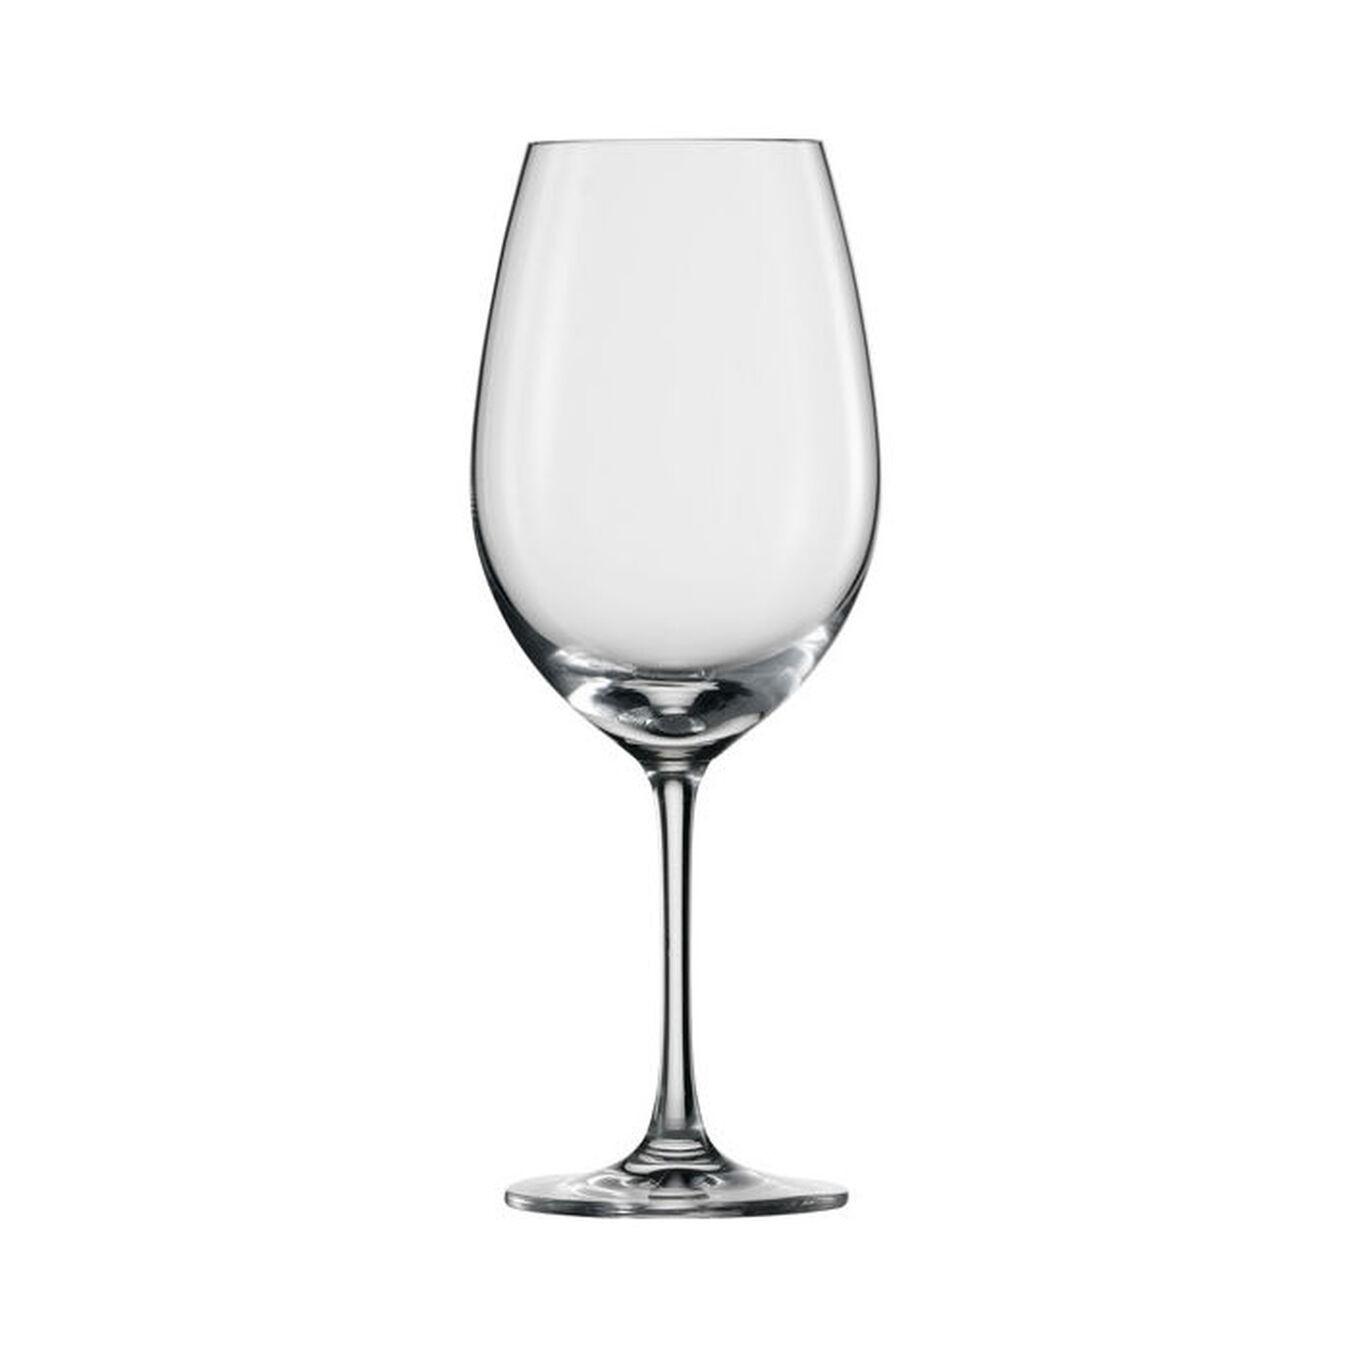 Conjunto Com 6 Taças Para Vinho Tinto 506 Ml  - Schott-Zwiesel Ivento